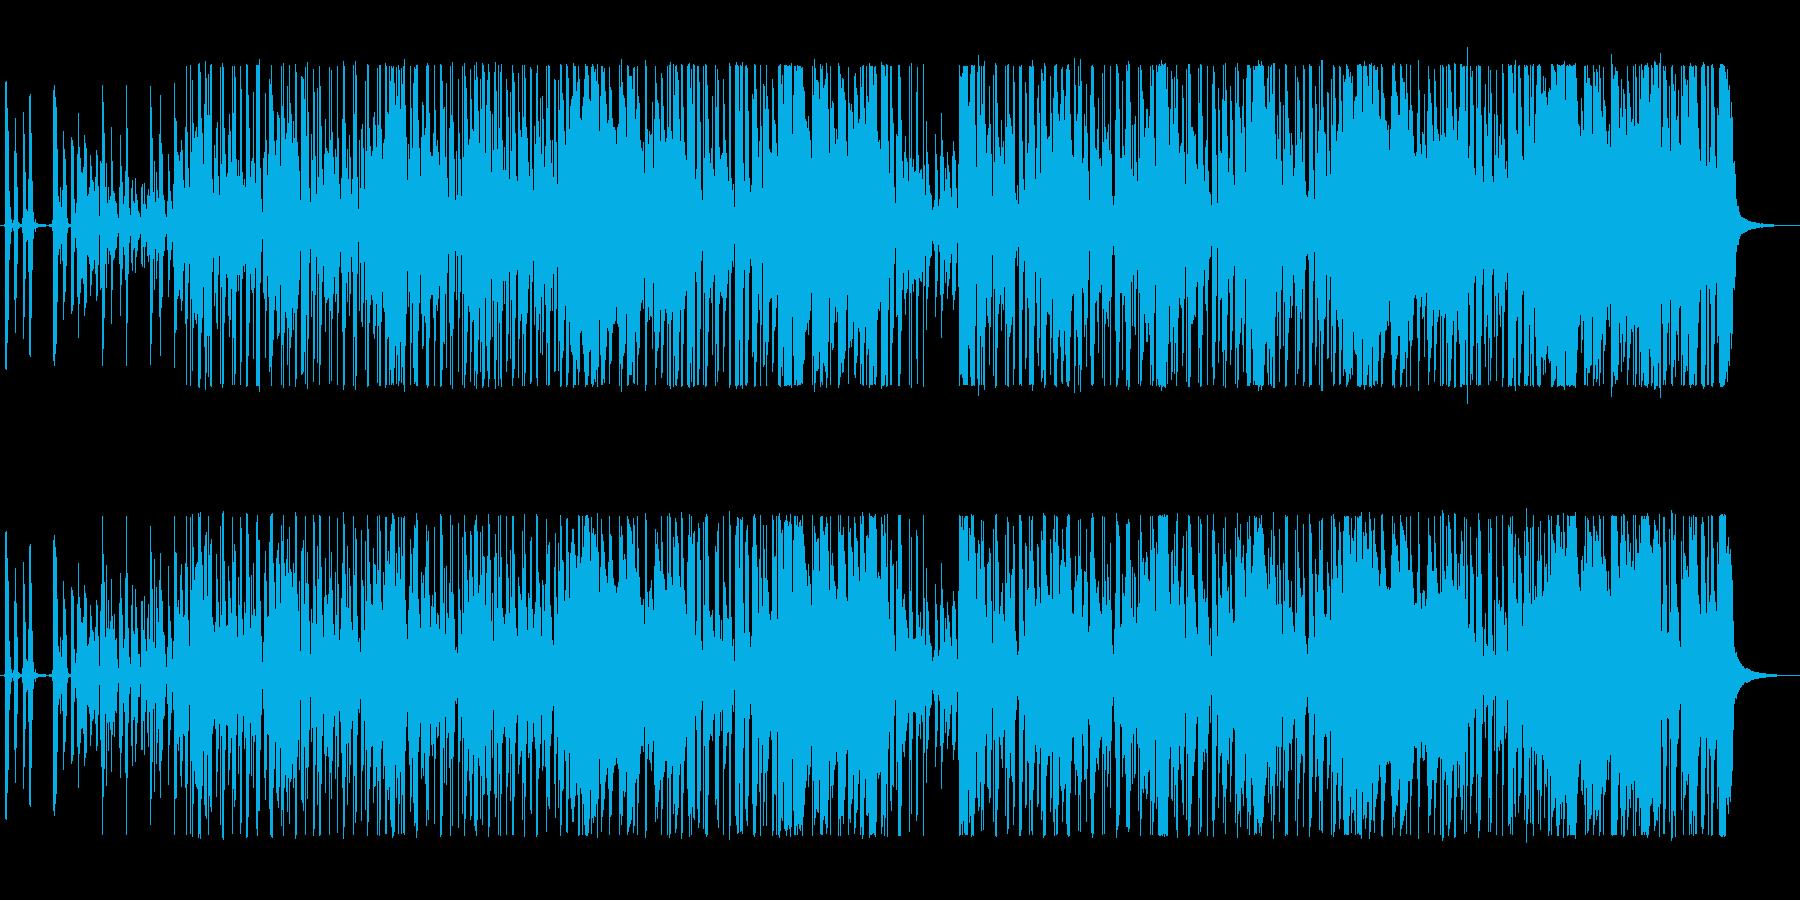 ベースとギターがかっこいいジャズロックの再生済みの波形